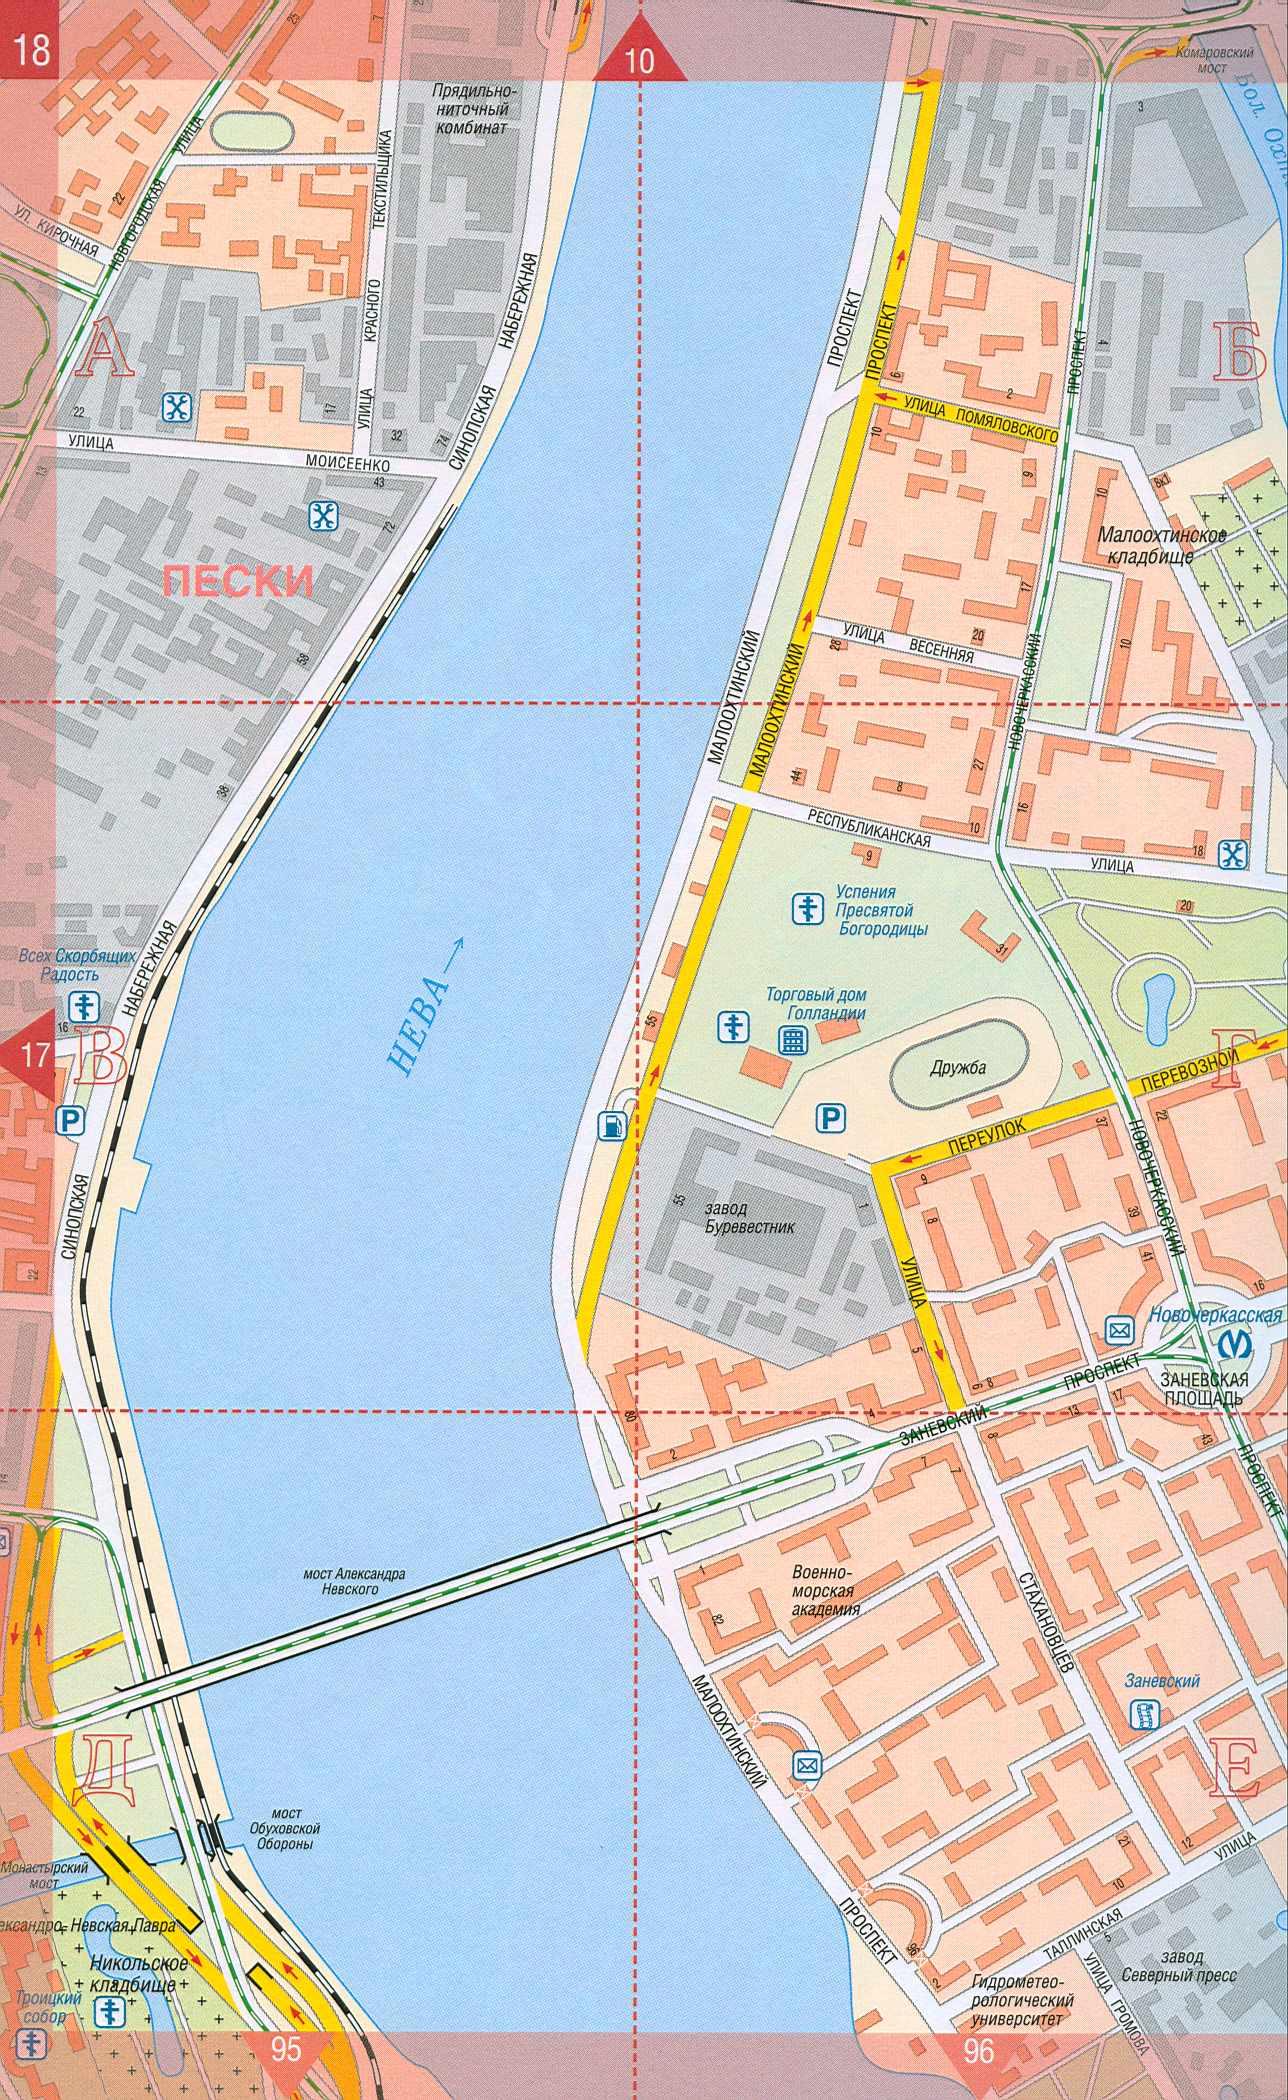 Карта Санкт Петербурга (центр города). Подробная карта СПБ ...: http://map-auto.ru/map265296_1_6.htm